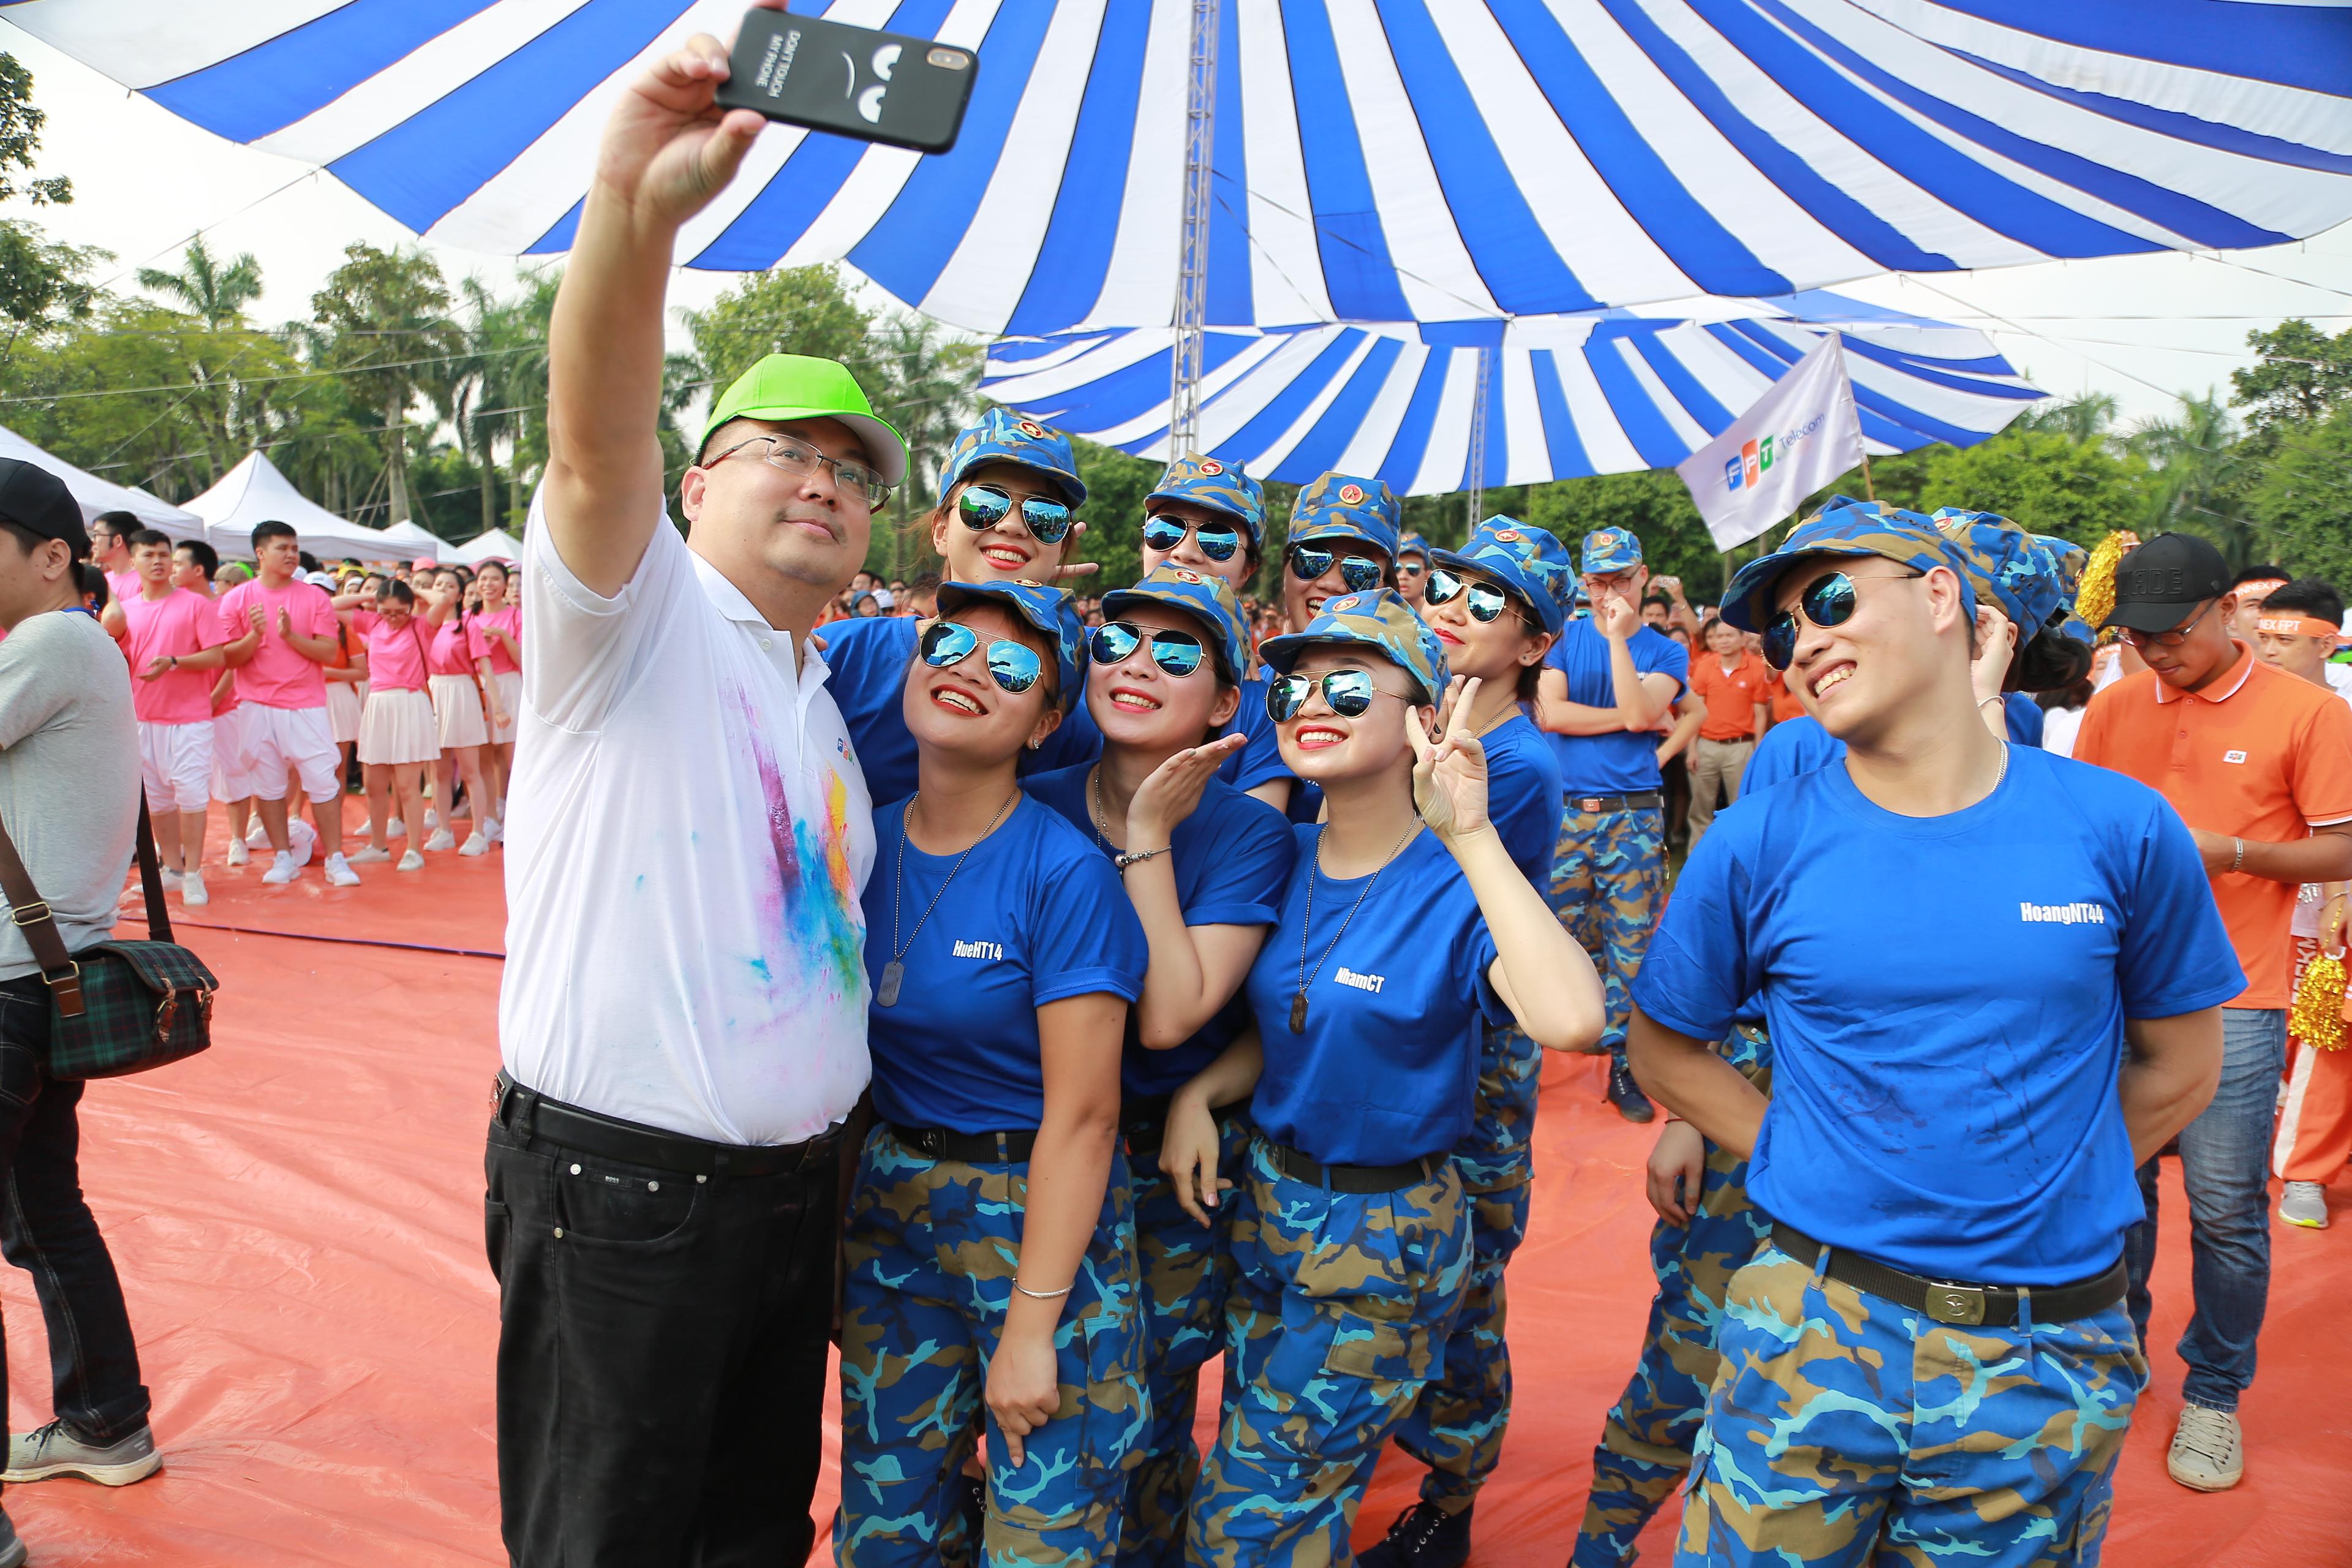 Anh Hoàng Nam Tiến đi đến từng đội đồng diễn của các công ty thành viên để chụp ảnh cùng đồng nghiệp.